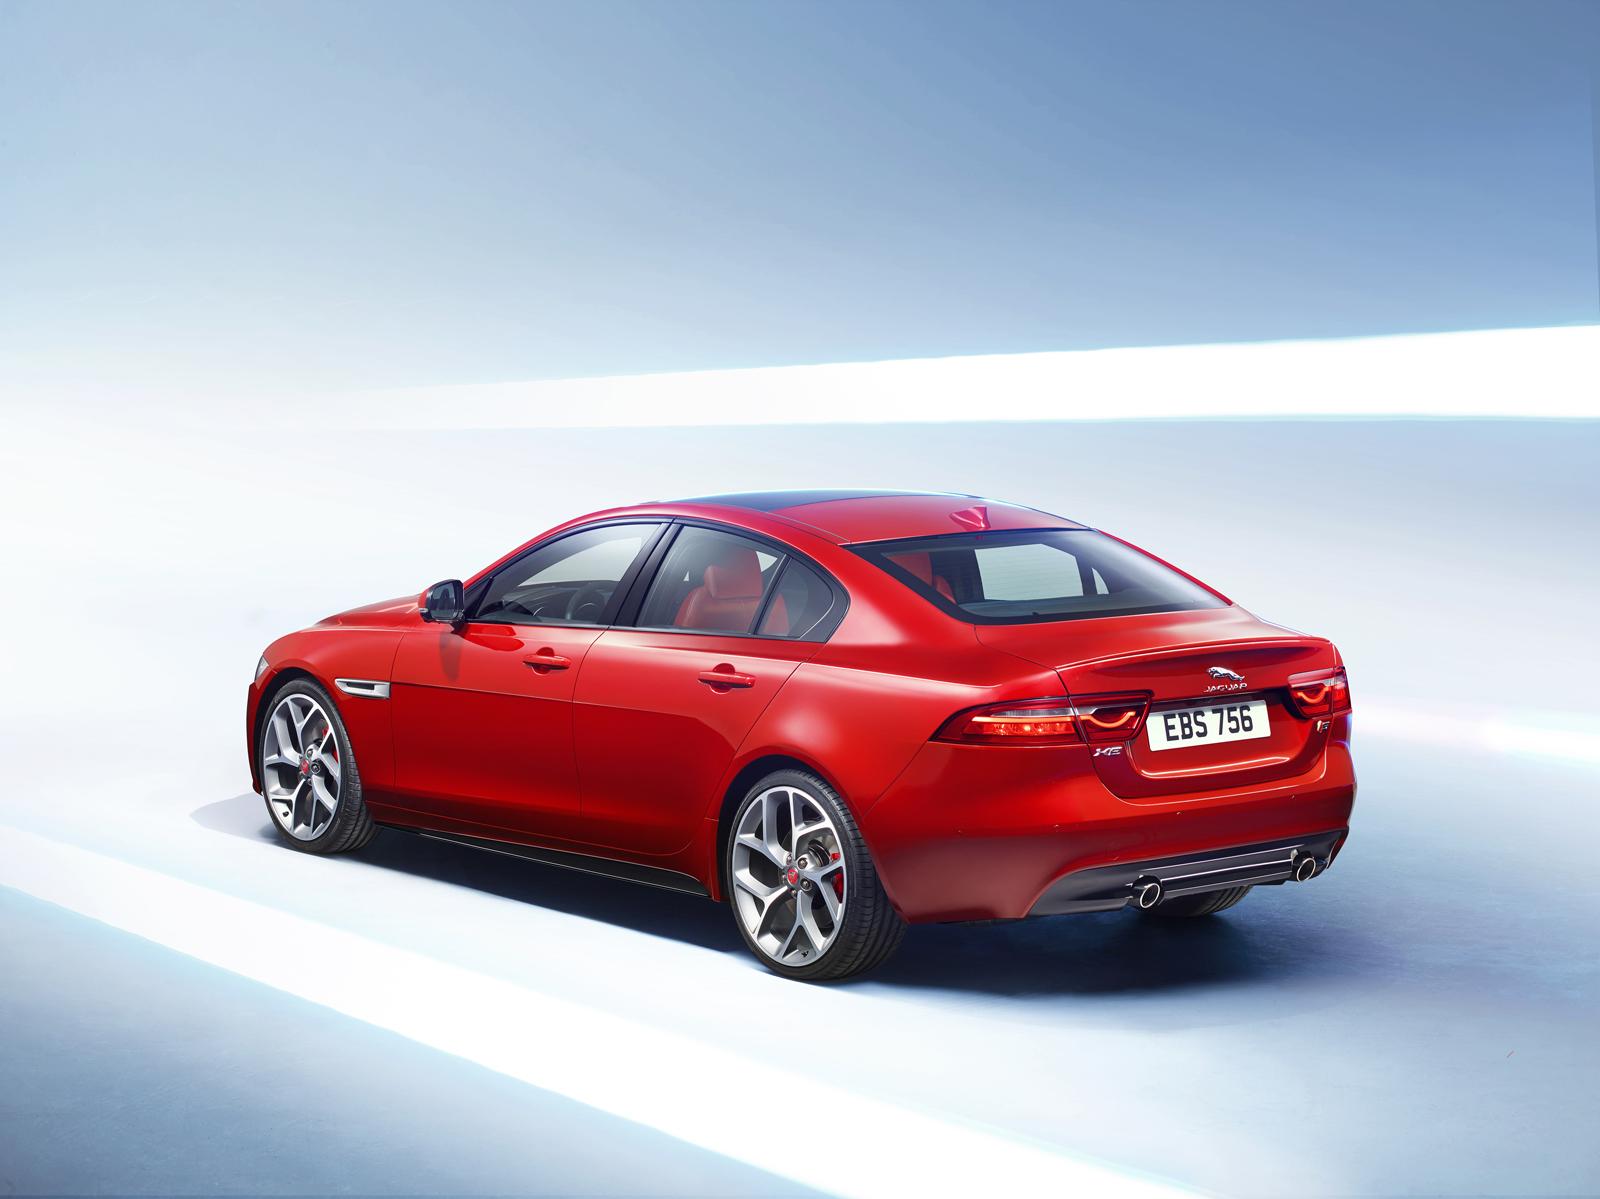 New Jaguar Xe Makes North American Debut At 2015 Detroit